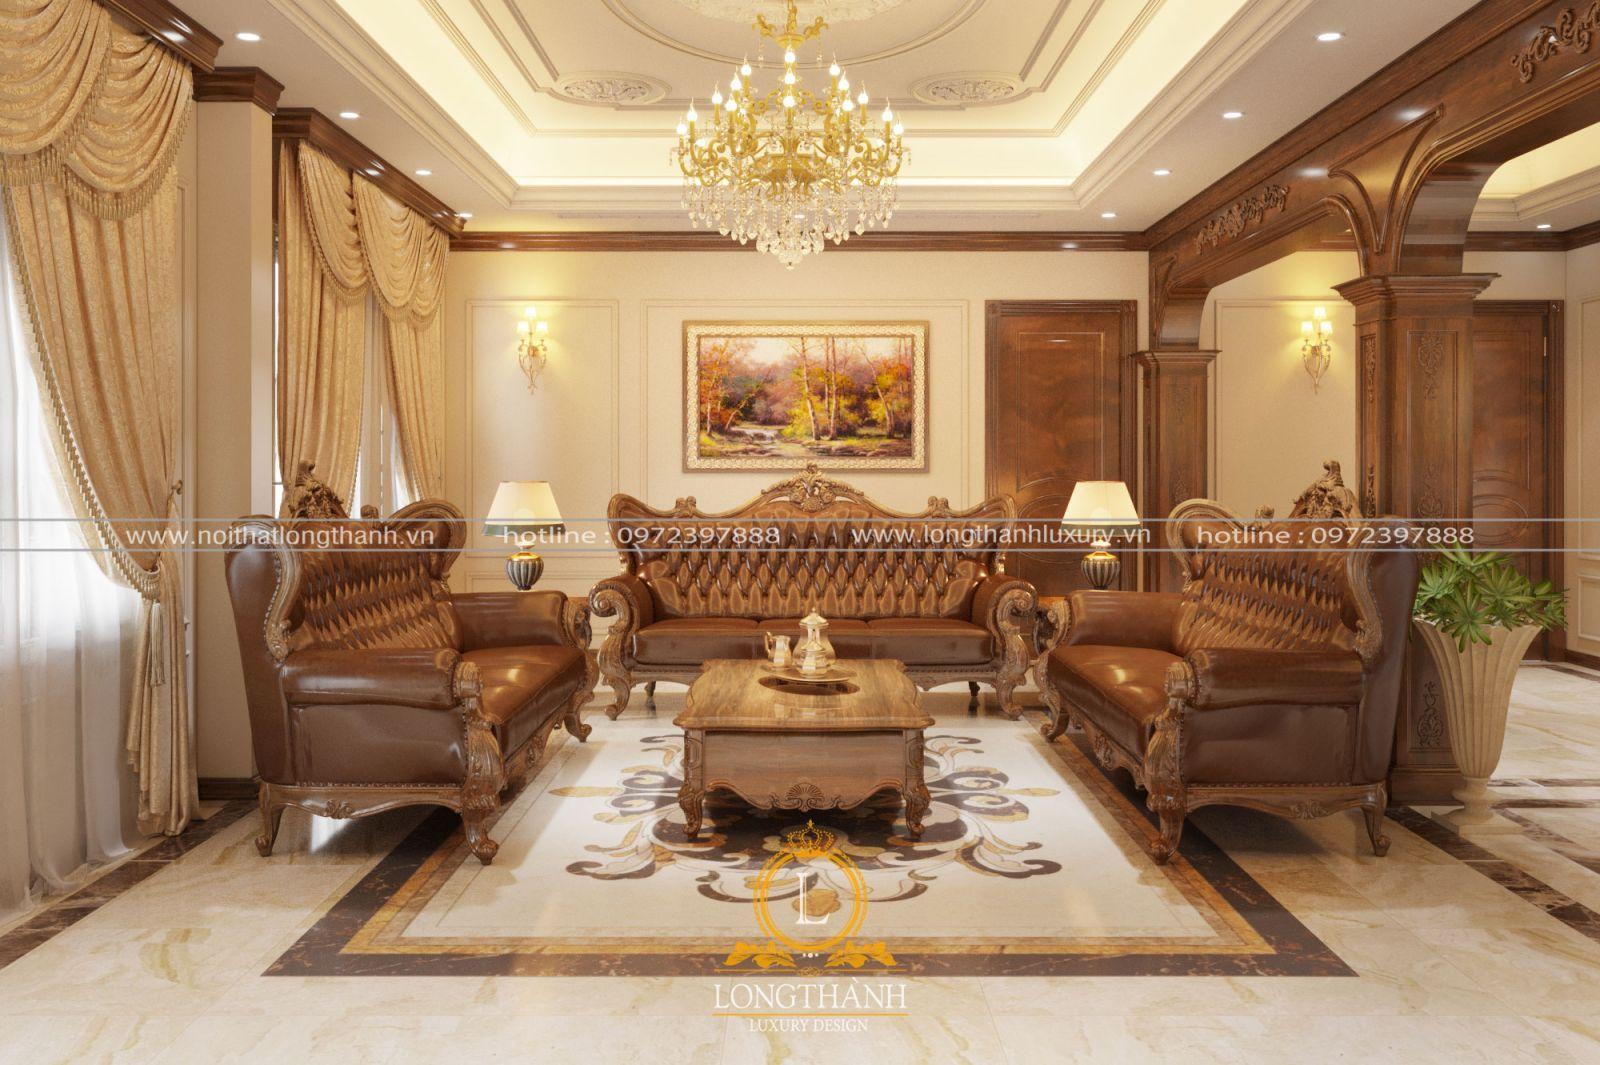 Bộ ghế sofa chữ U đẹp, cao cấp phù hợp mọi không gian phòng khách